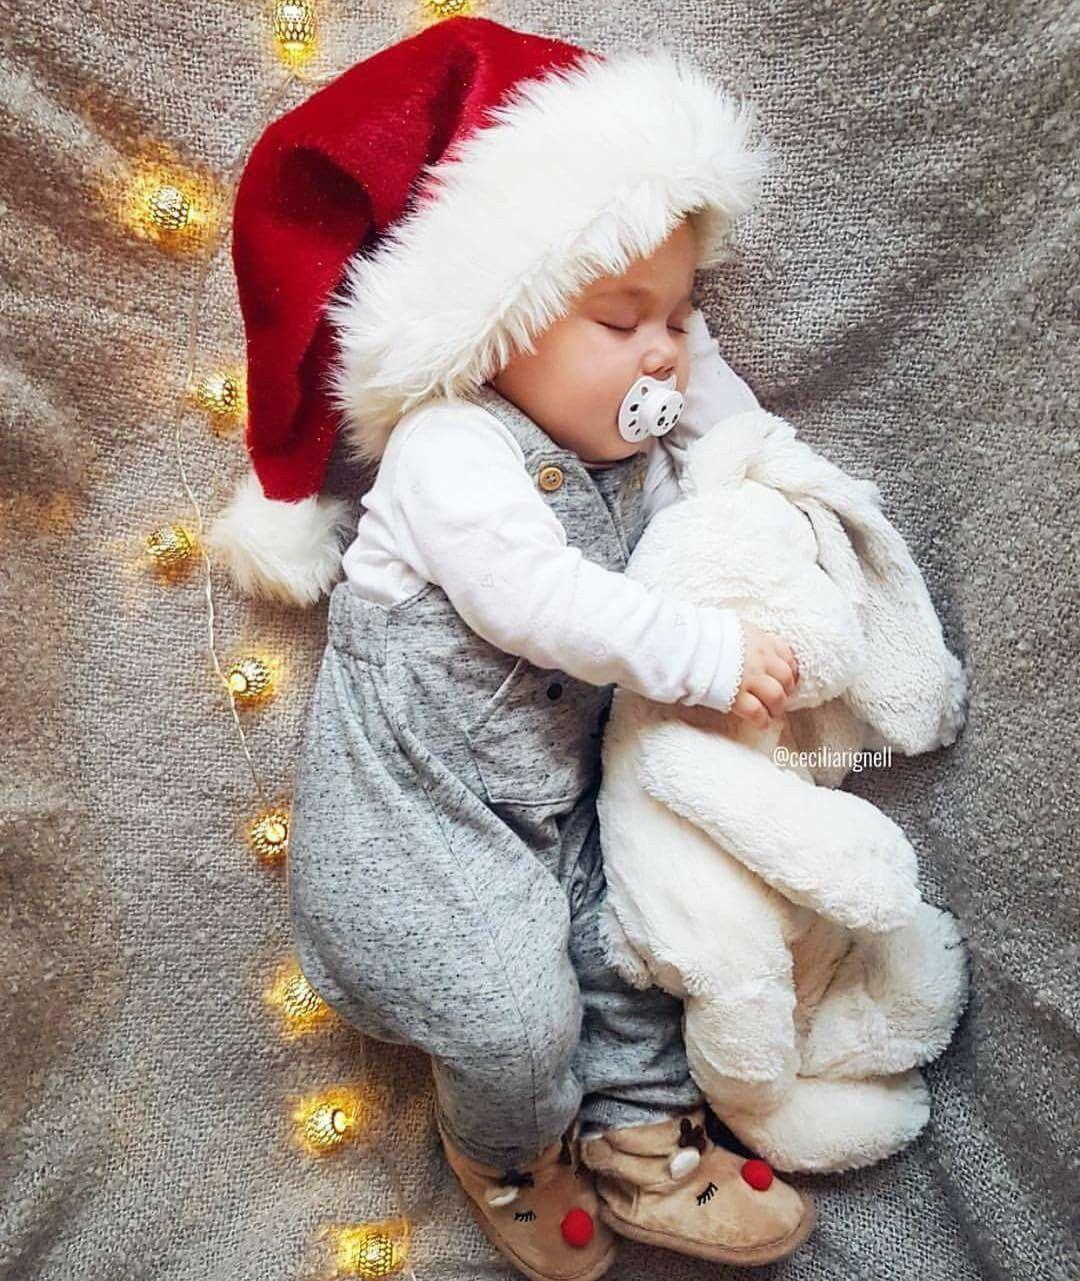 So süüüß...schlaf gut kleiner Weihnachtsmann.